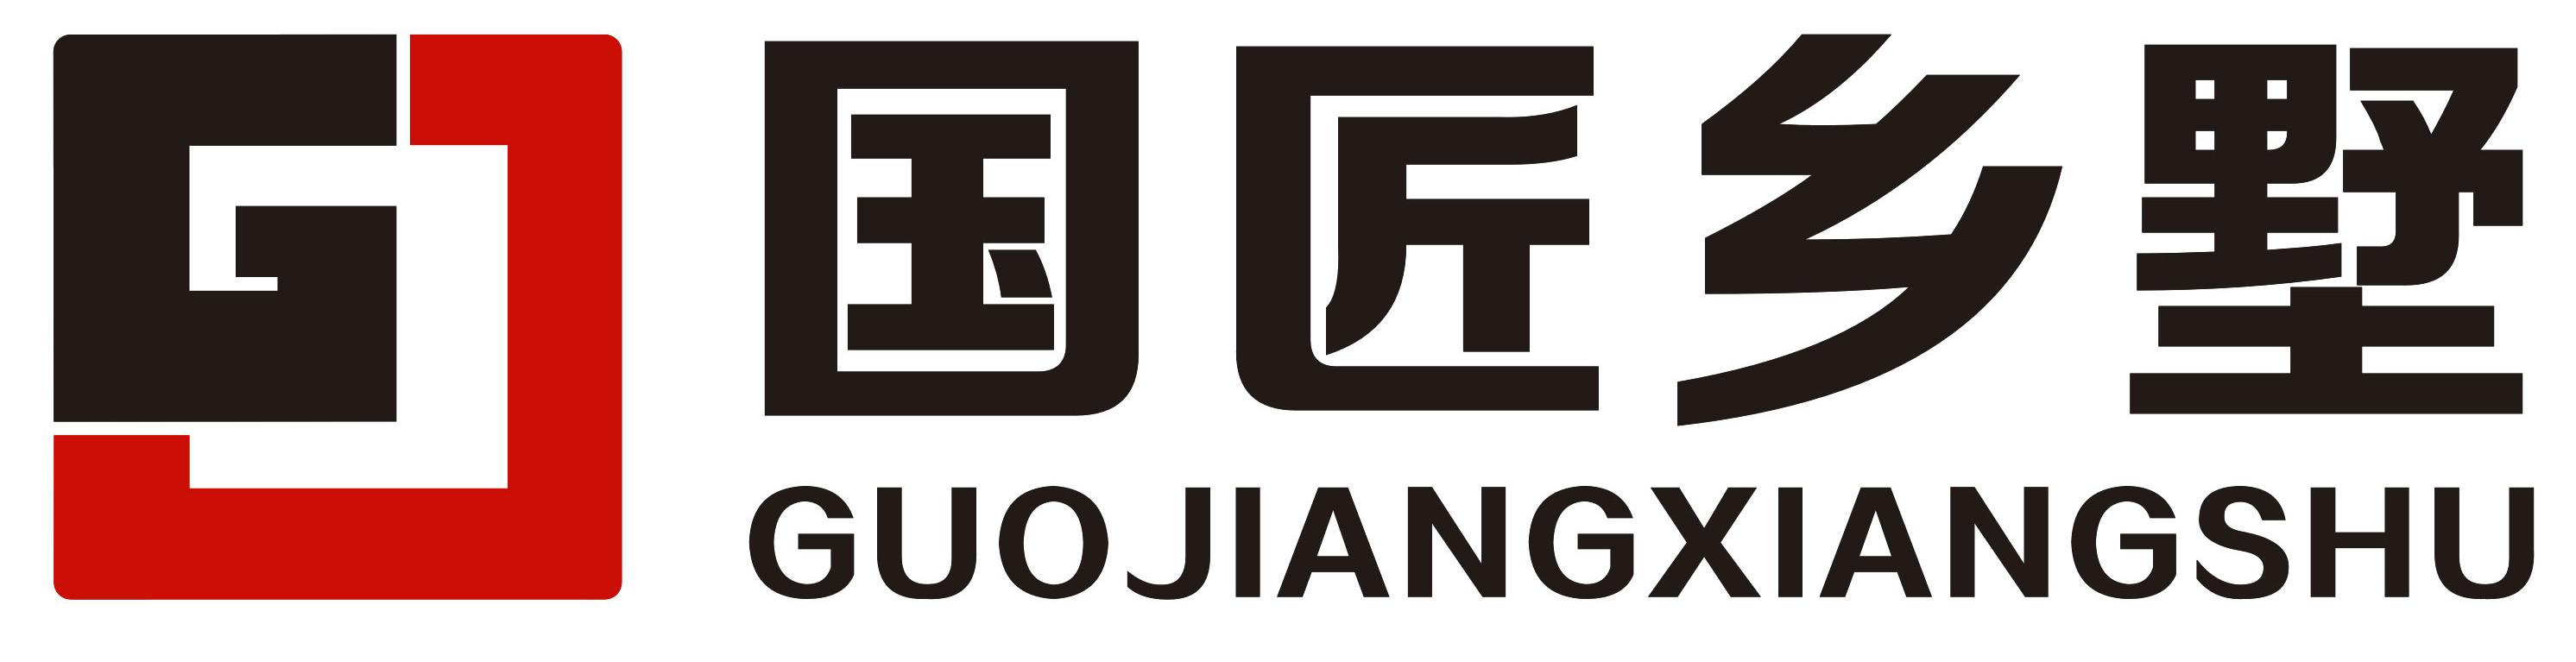 湖南省国匠乡墅科技有限公司